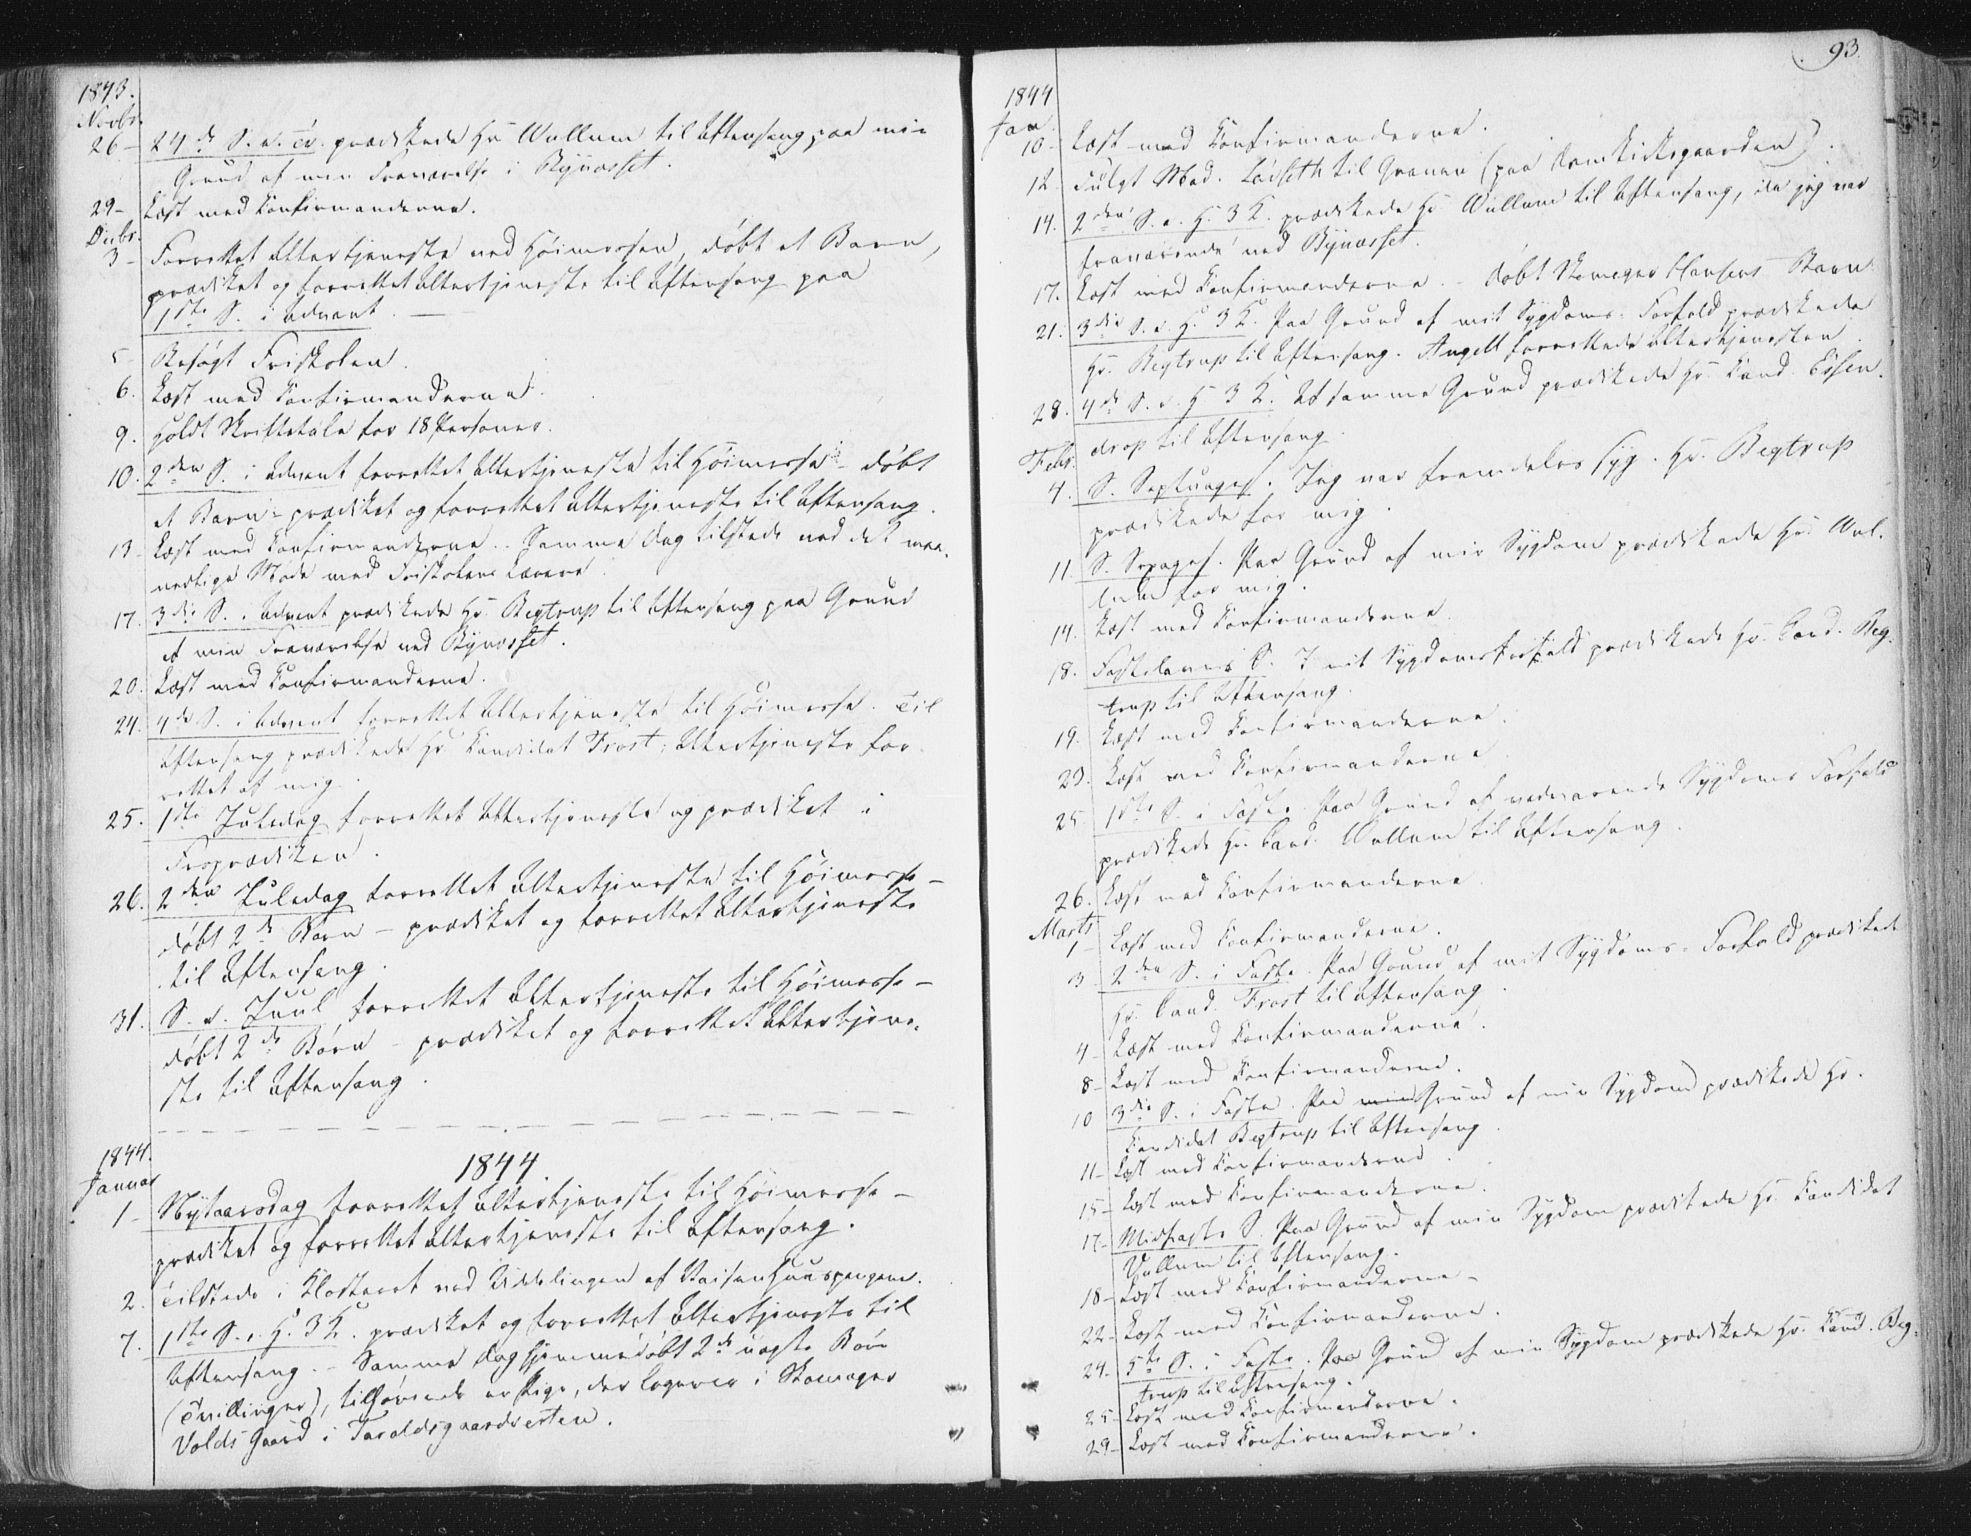 SAT, Ministerialprotokoller, klokkerbøker og fødselsregistre - Sør-Trøndelag, 602/L0127: Residerende kapellans bok nr. 602B01, 1821-1875, s. 93